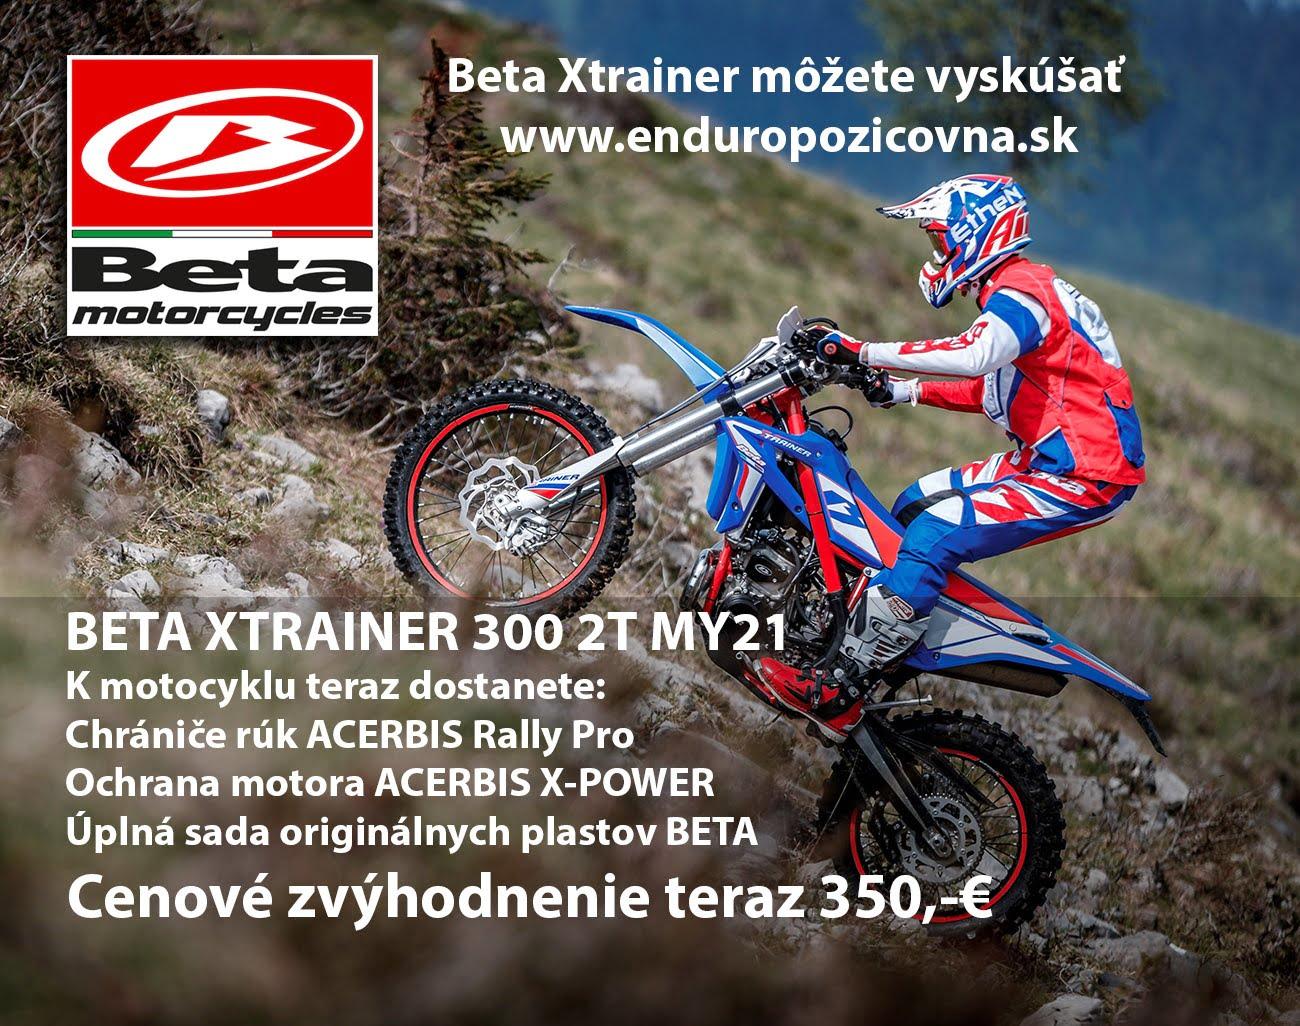 Teraz v cene motocykla (ponuka je časovo obmedzená do 31.8.2020 a vzťahuje sa len na skladové motocykle): Chrániče rúk Acerbis Rally Pro  +  Ochrana motora Acerbis X-Power +  Úplná sada…